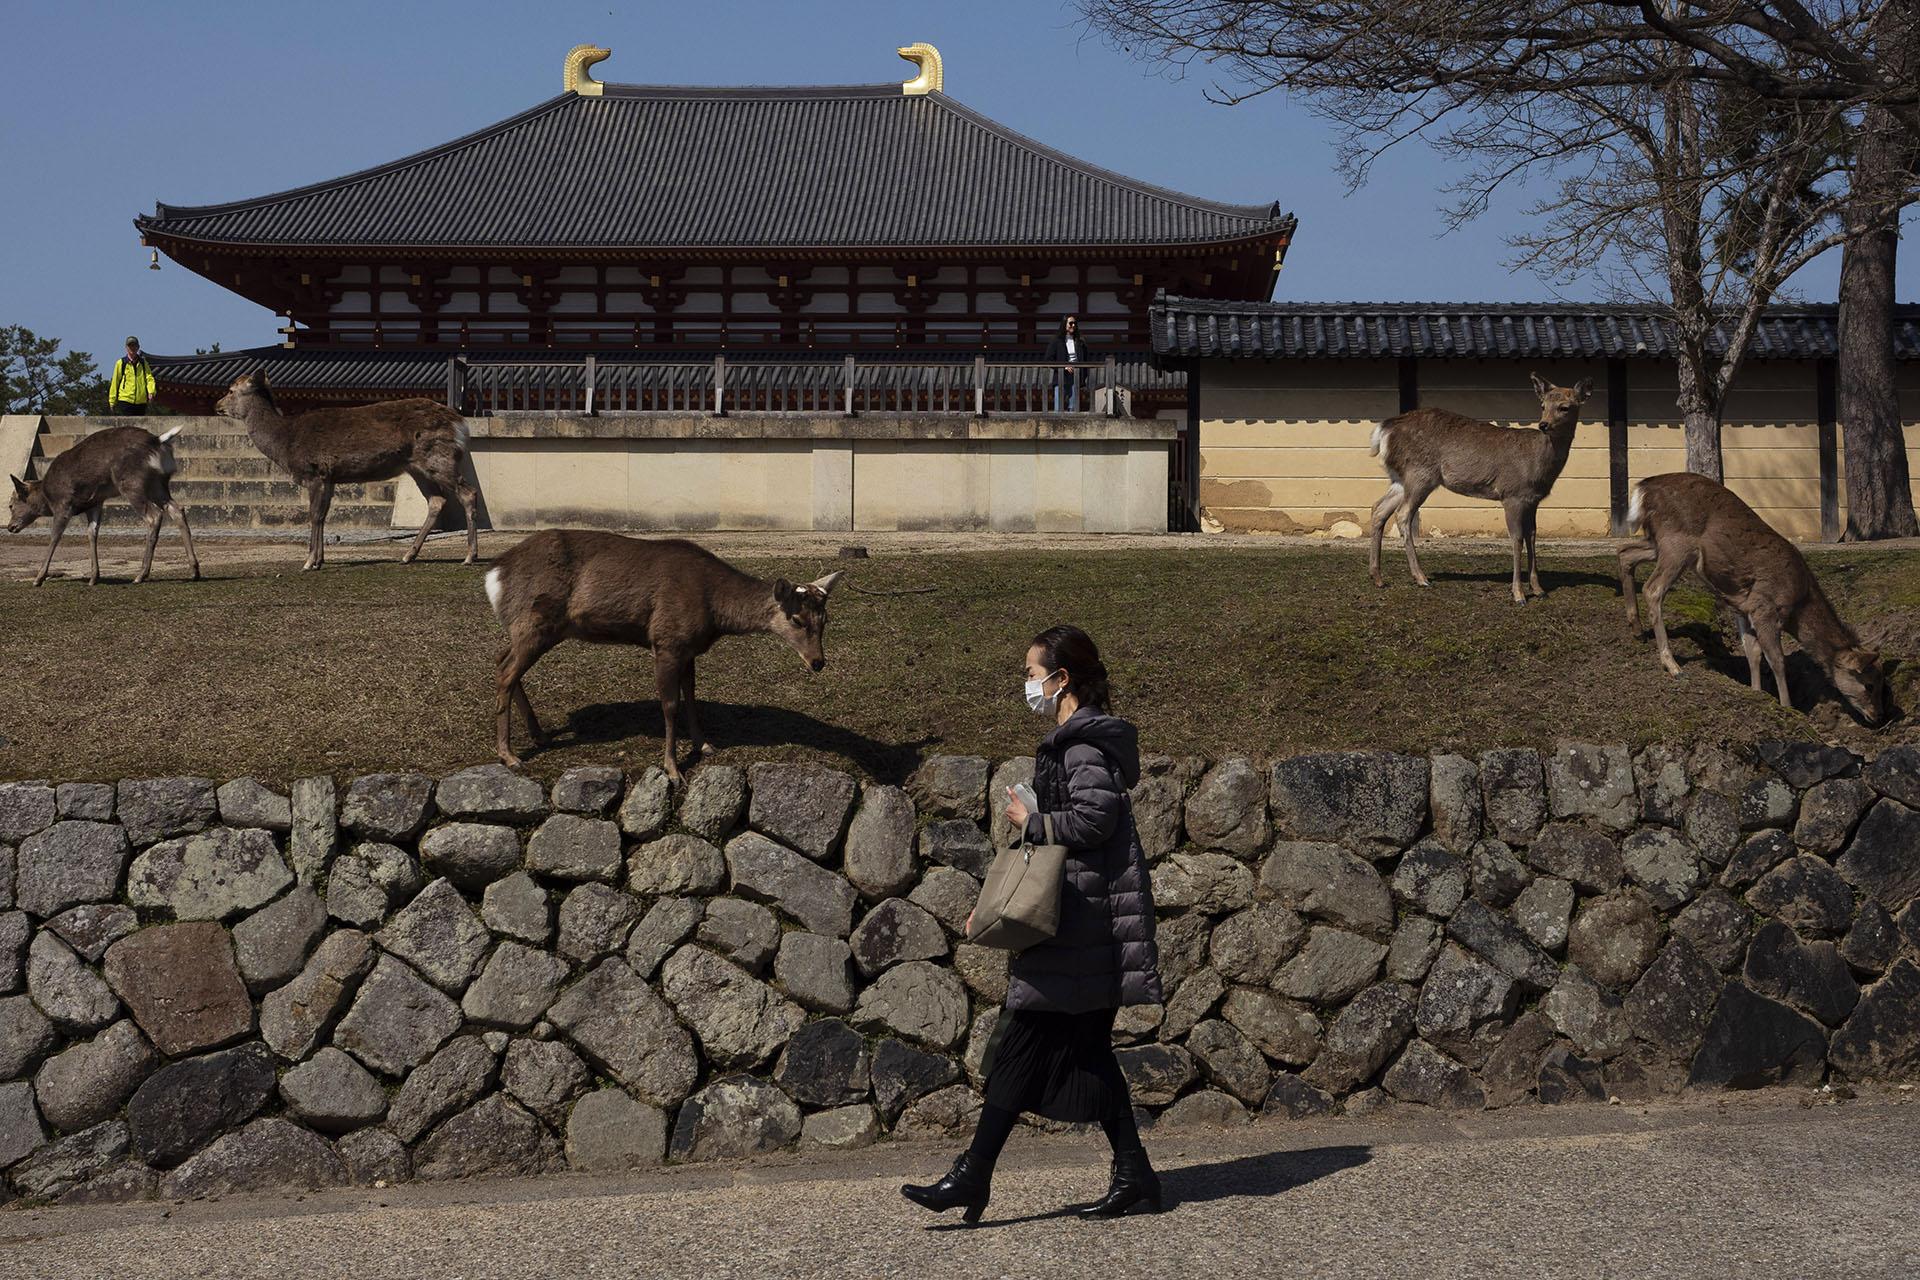 Una mujer pasa junto a los ciervos que pastan en el césped del templo Kofukuji en Nara, Japón (Foto AP / Jae C. Hong)